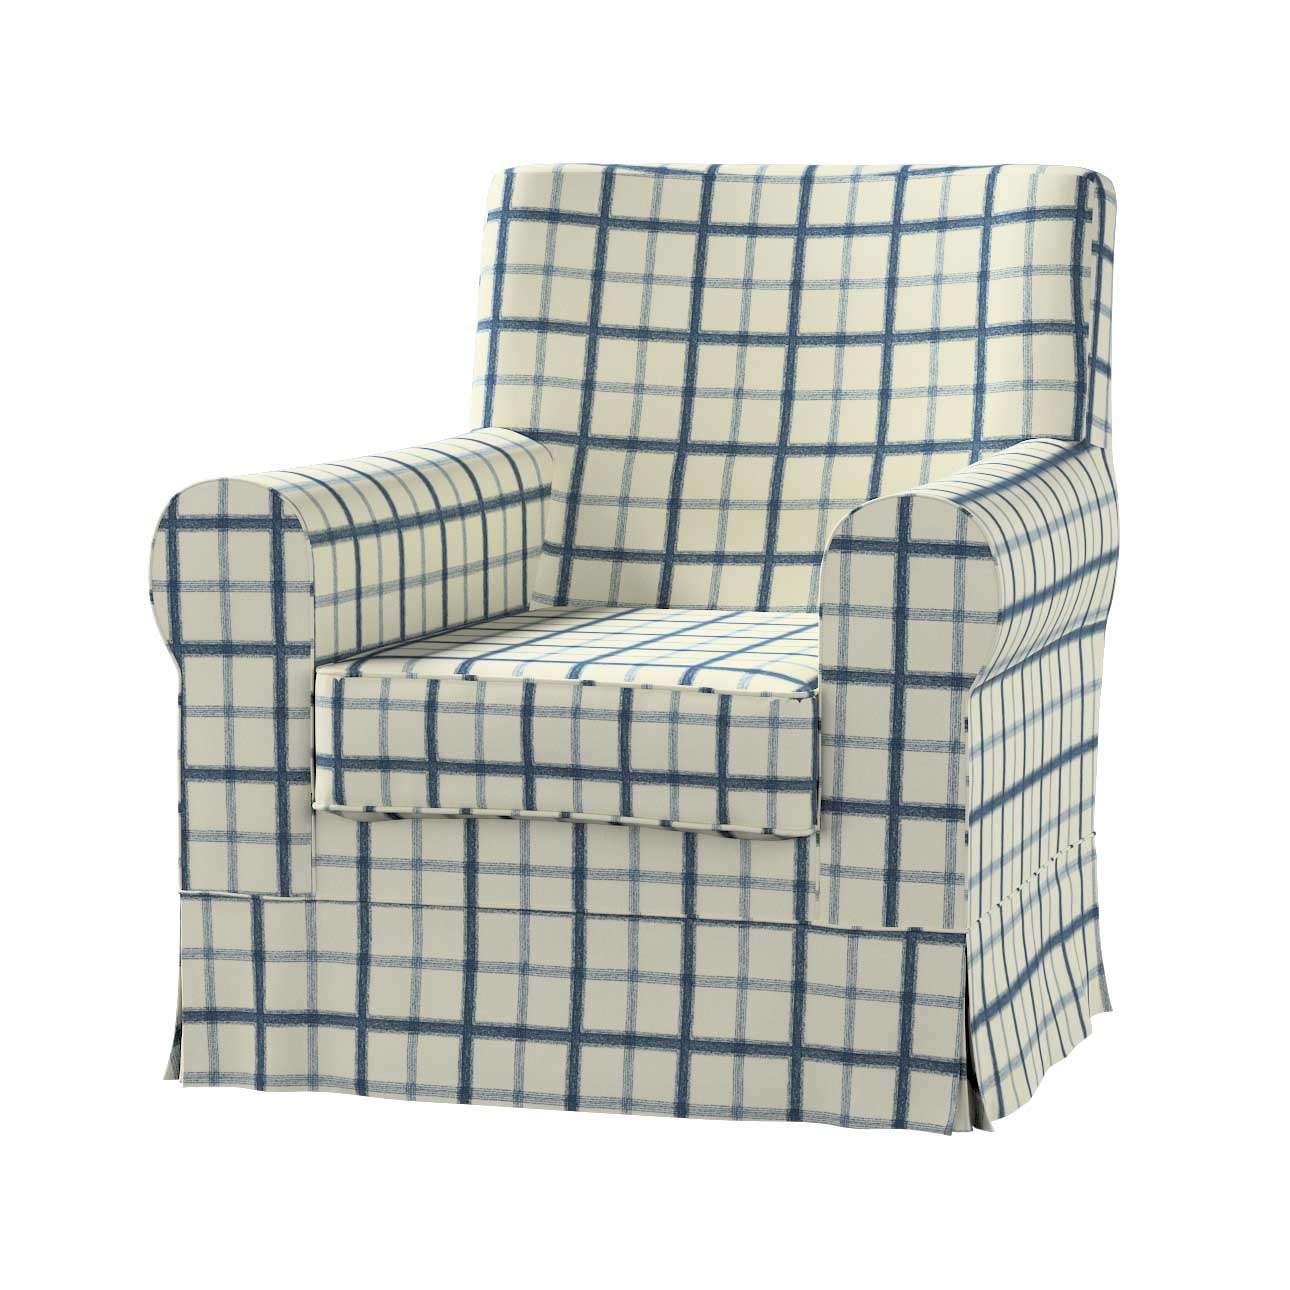 Pokrowiec na fotel Ektorp Jennylund Fotel Ektorp Jennylund w kolekcji Avinon, tkanina: 131-66